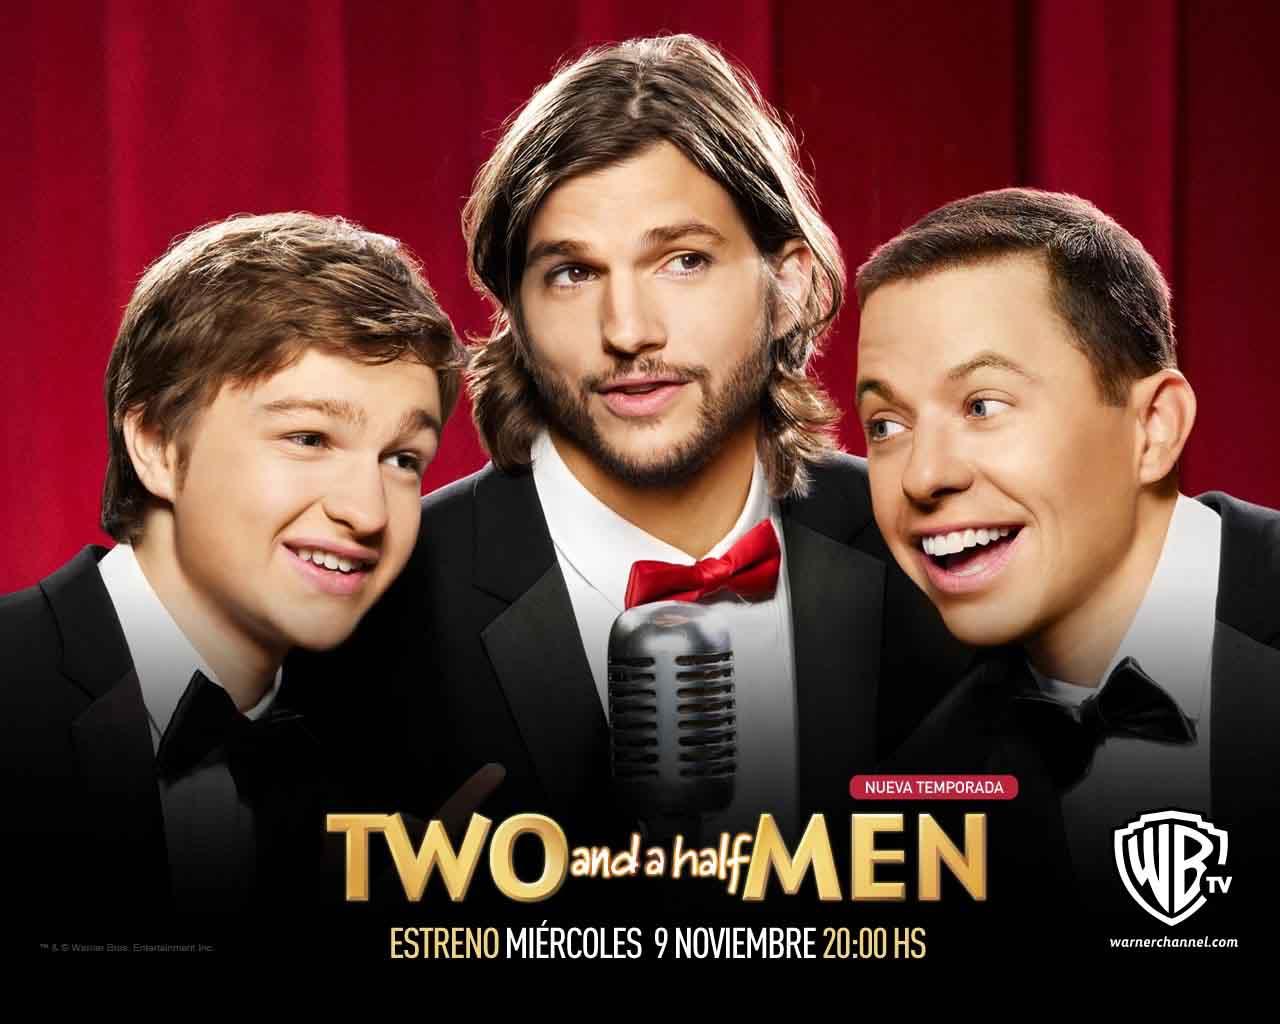 http://1.bp.blogspot.com/-mAquAUMDL00/UQs6mDjRWpI/AAAAAAAAAks/dJy0OJj4UI8/s1600/Two-and-a-Half-Men-Wallpaper-two-and-a-half-men-32201632-1280-1024.jpg